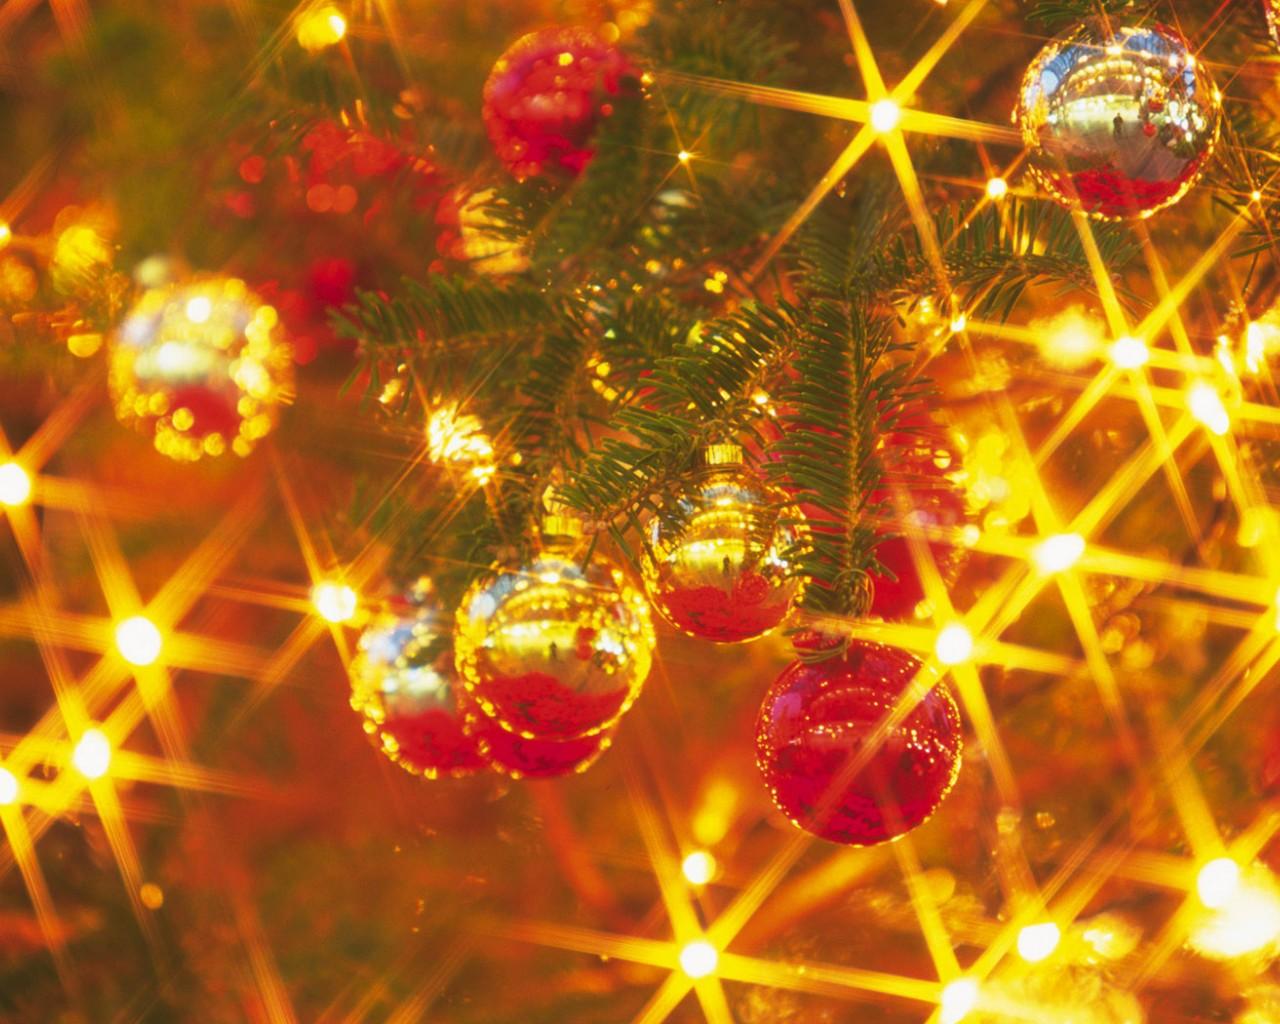 Новогодние Обои На Телефон Вертикальные Огоньки